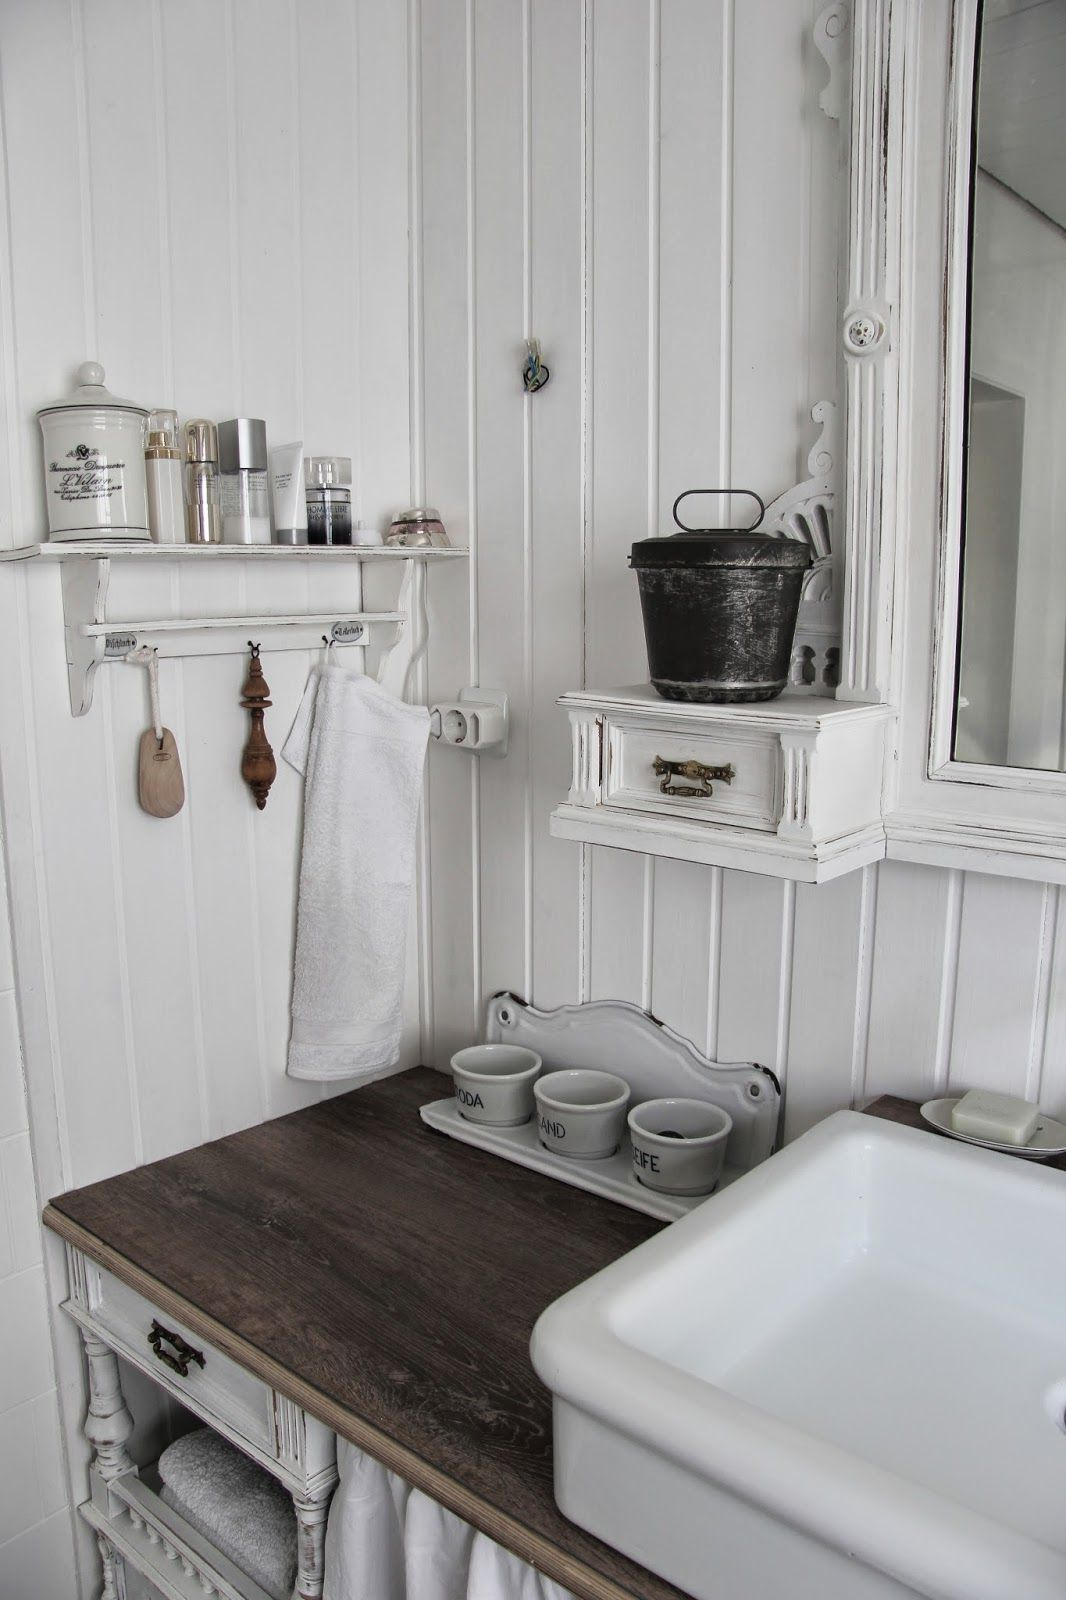 bad im neuen glanz bitte eintreten hallo ihr lieben ich hoffe euch geht es. Black Bedroom Furniture Sets. Home Design Ideas